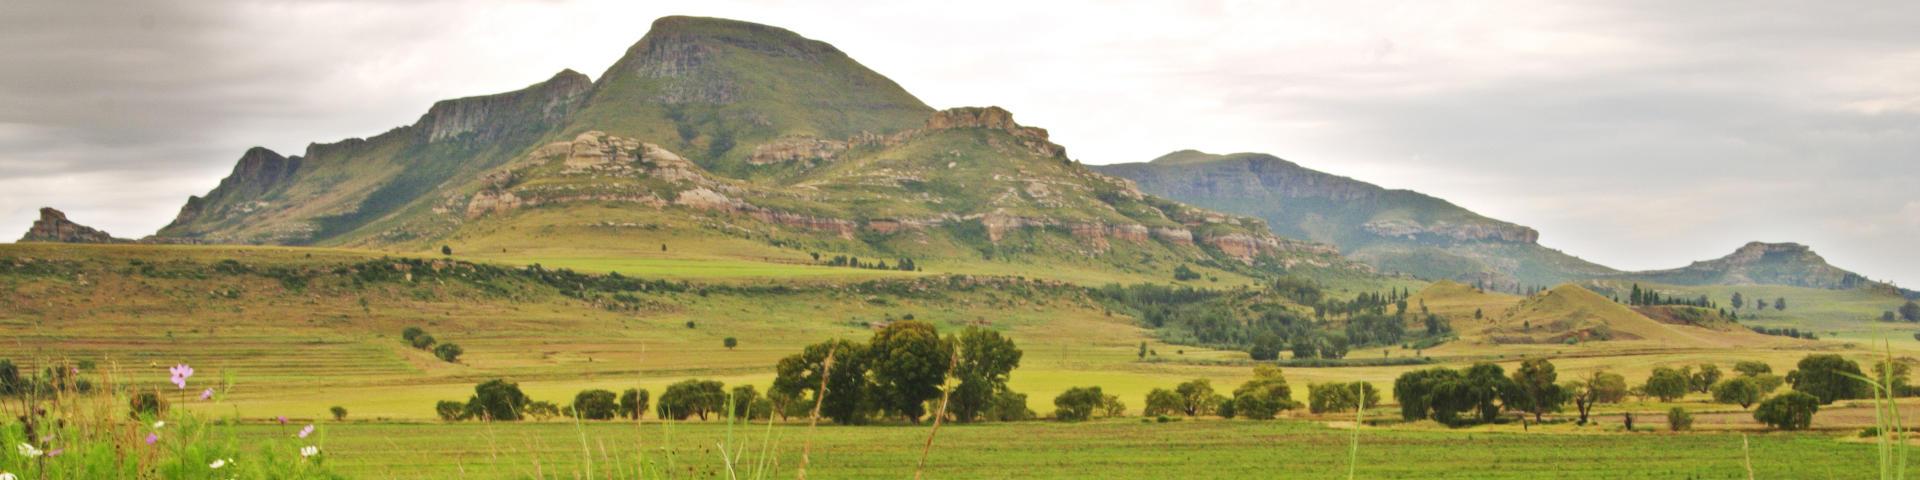 Bloemfontein hero